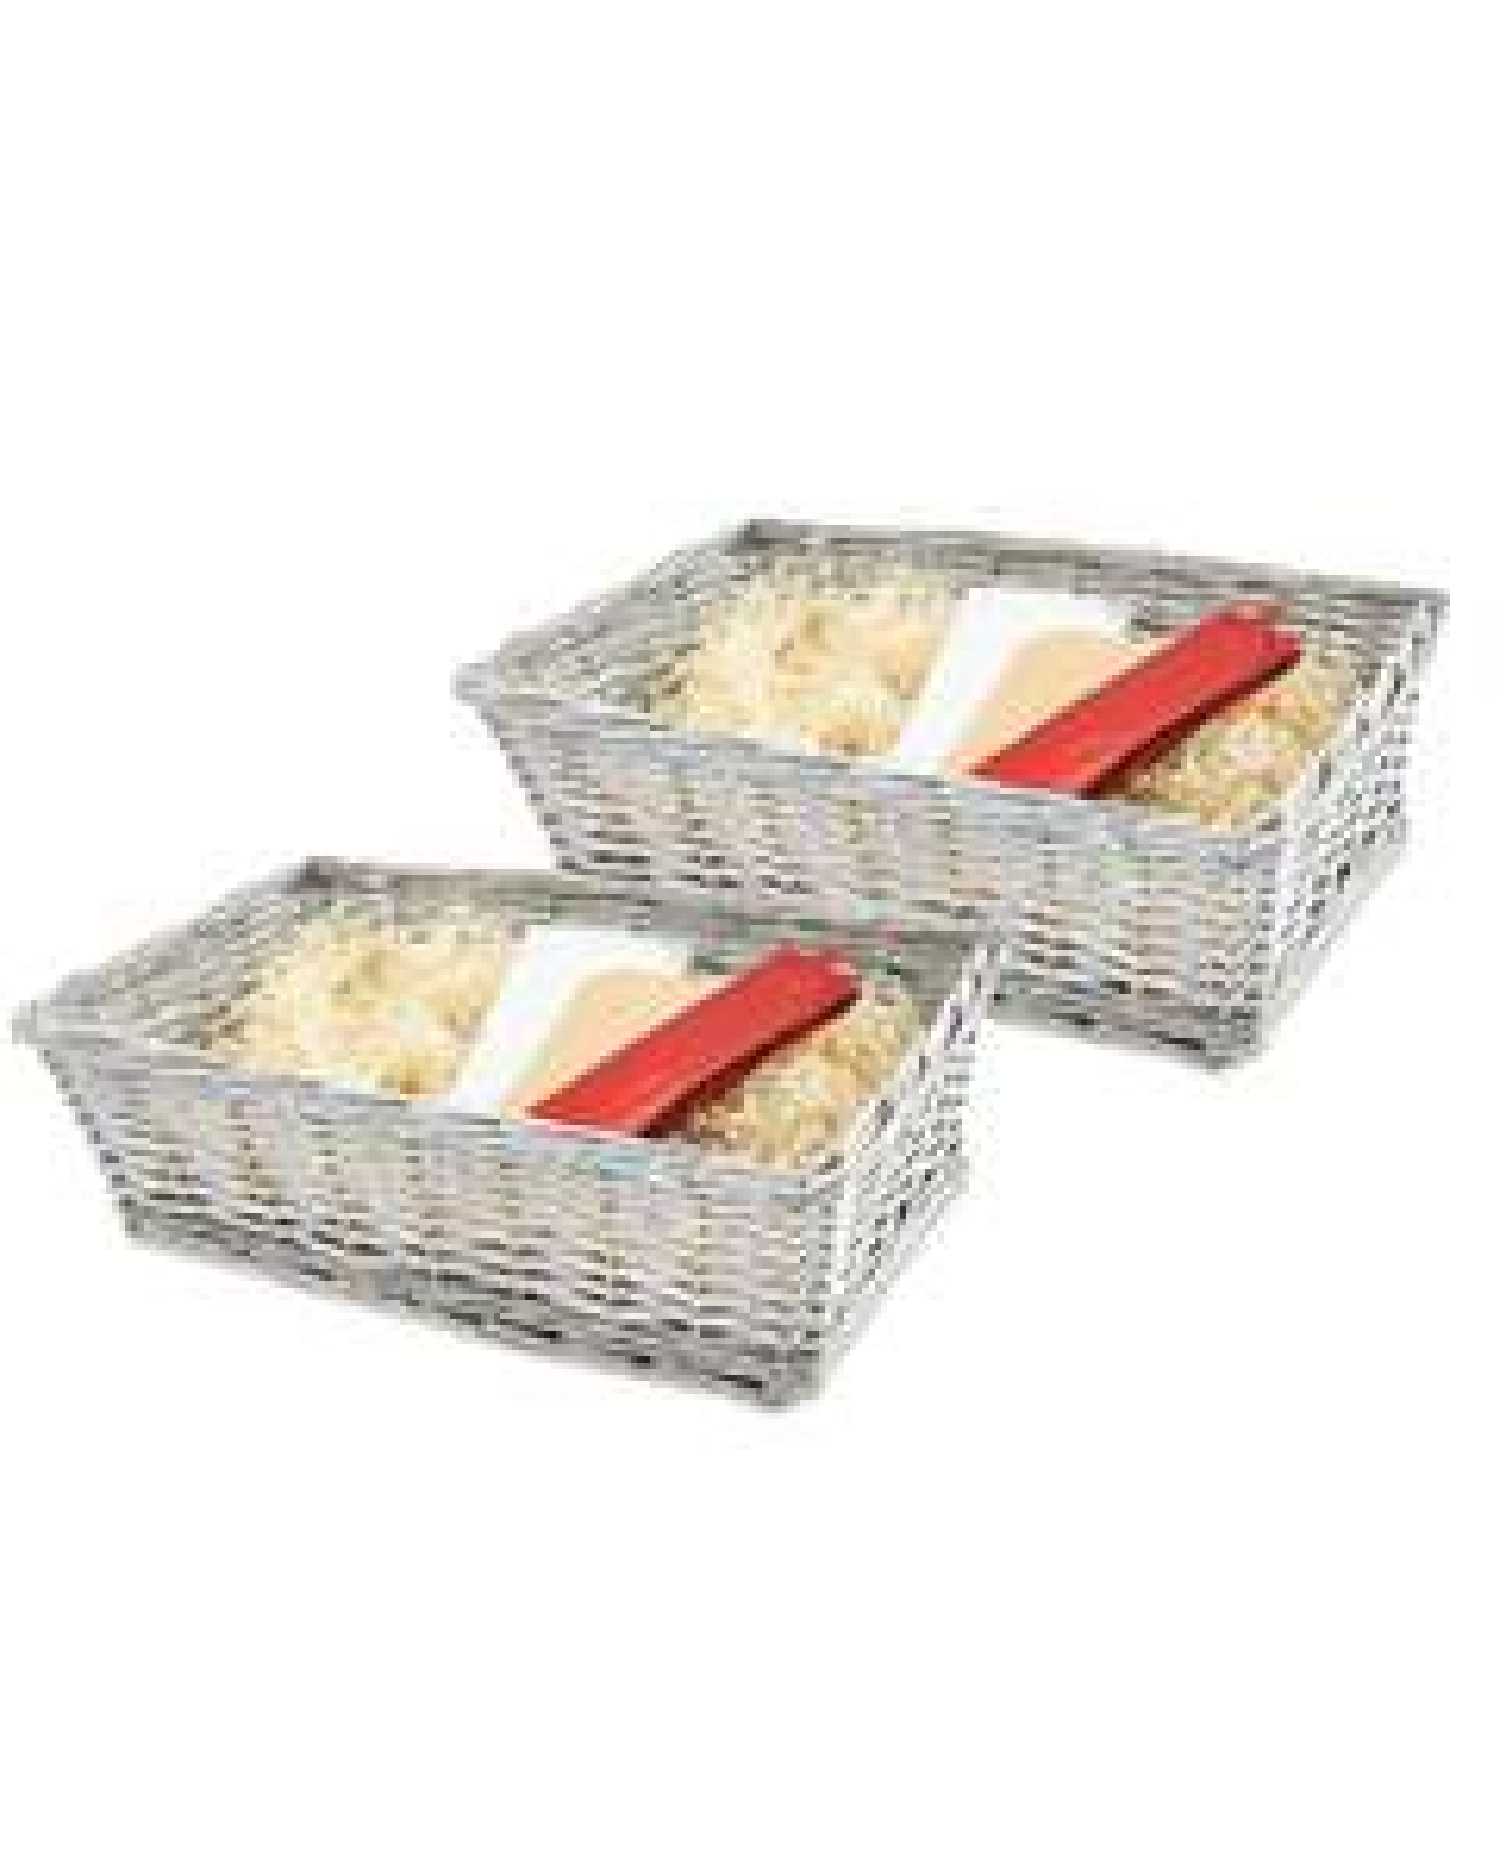 Grey/Red Hamper Kit 2 Pack - £9.98 / £12.93 delivered @ Aldi